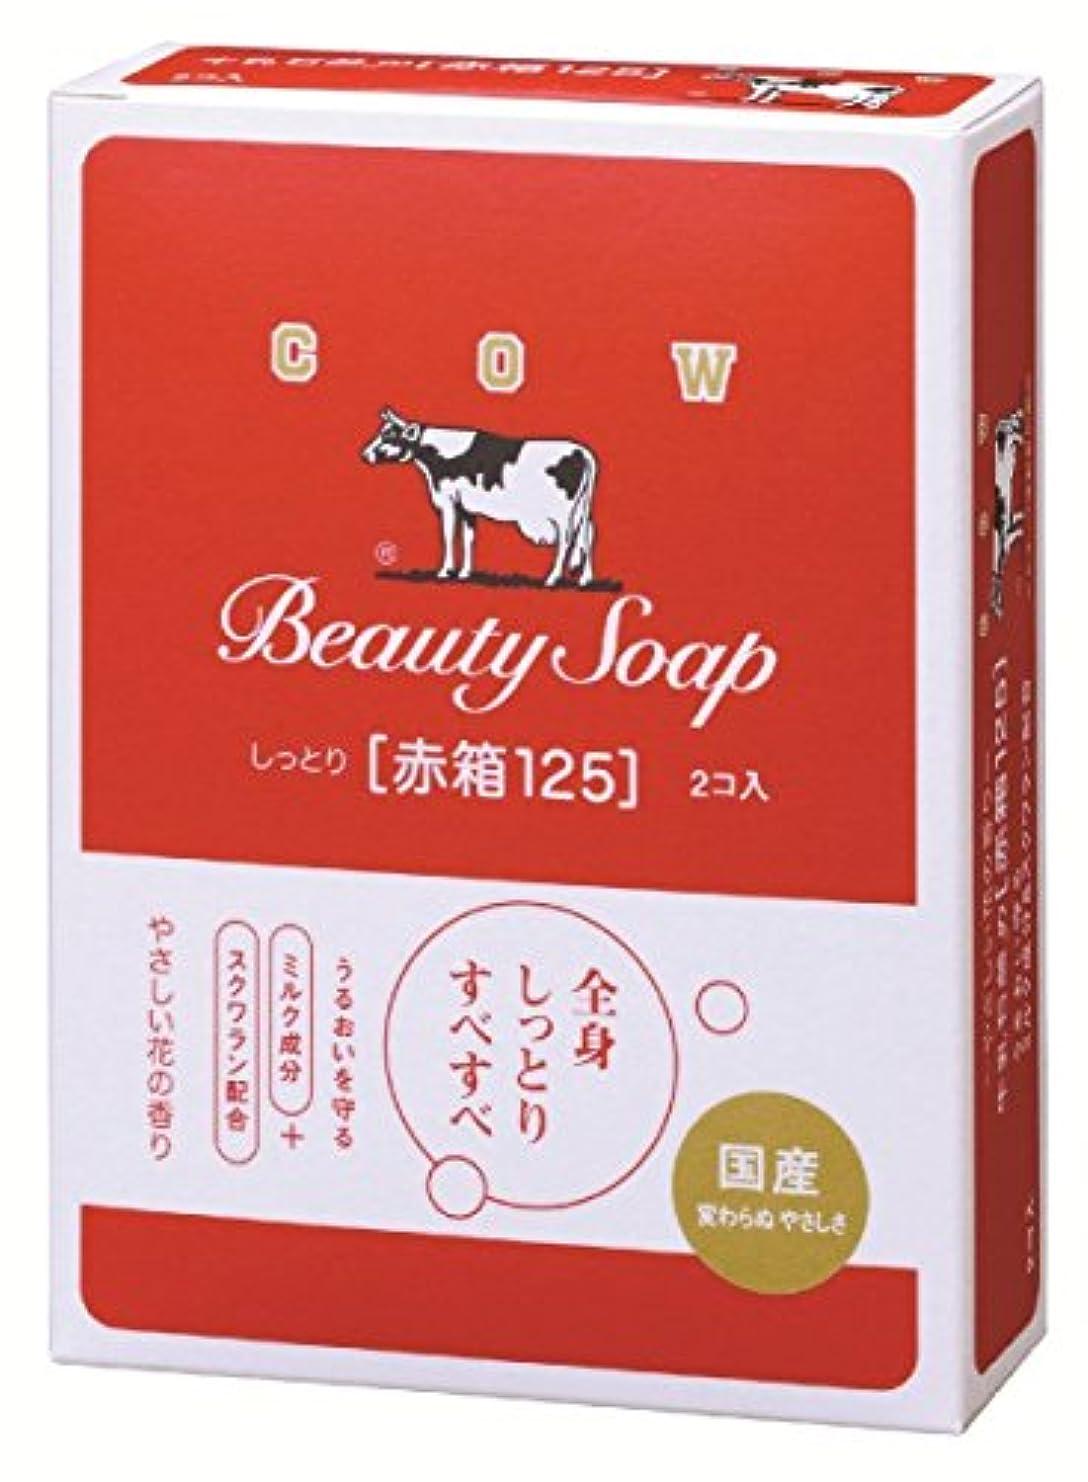 嘆願バター魔術【まとめ買い】カウブランド 赤箱 125 2個入 ×2セット